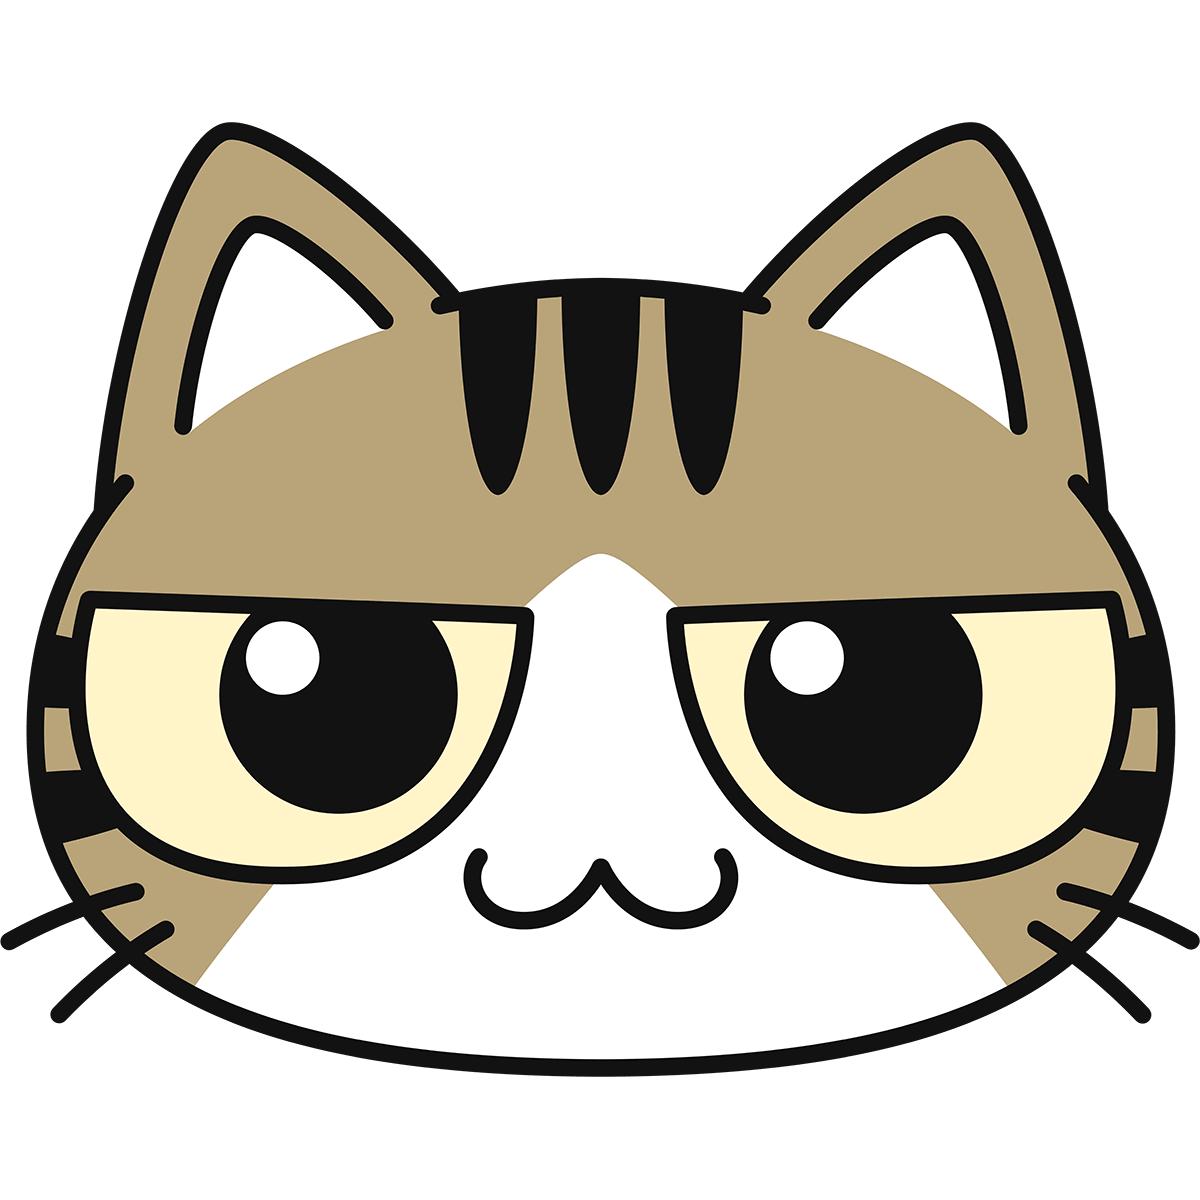 キジ白猫の顔の無料イラスト